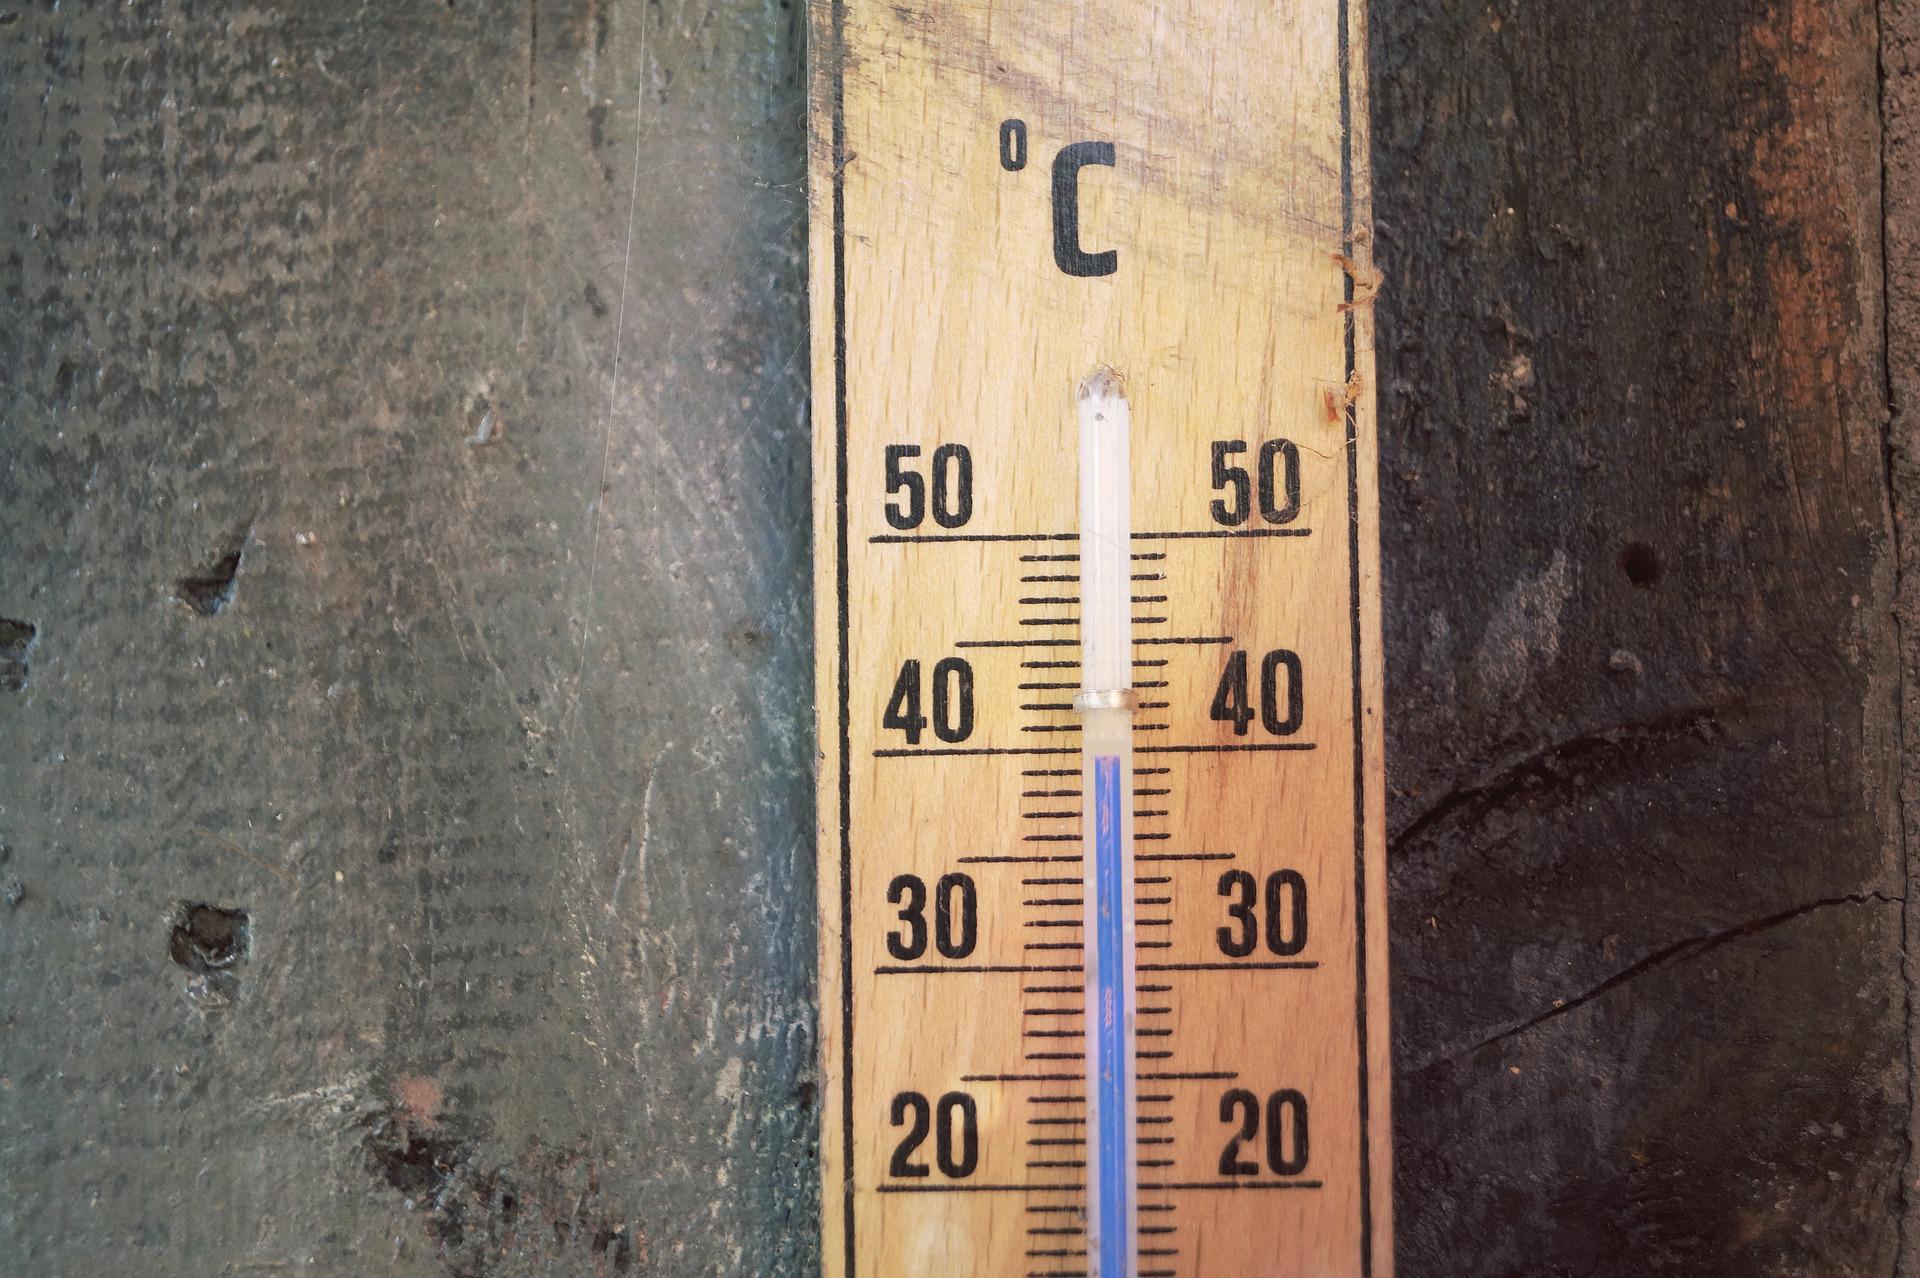 Καύσωνας είναι θα περάσει! 10 βήματα για να περάσεις με ασφάλεια αυτές τις ζεστές μέρες!-featured_image